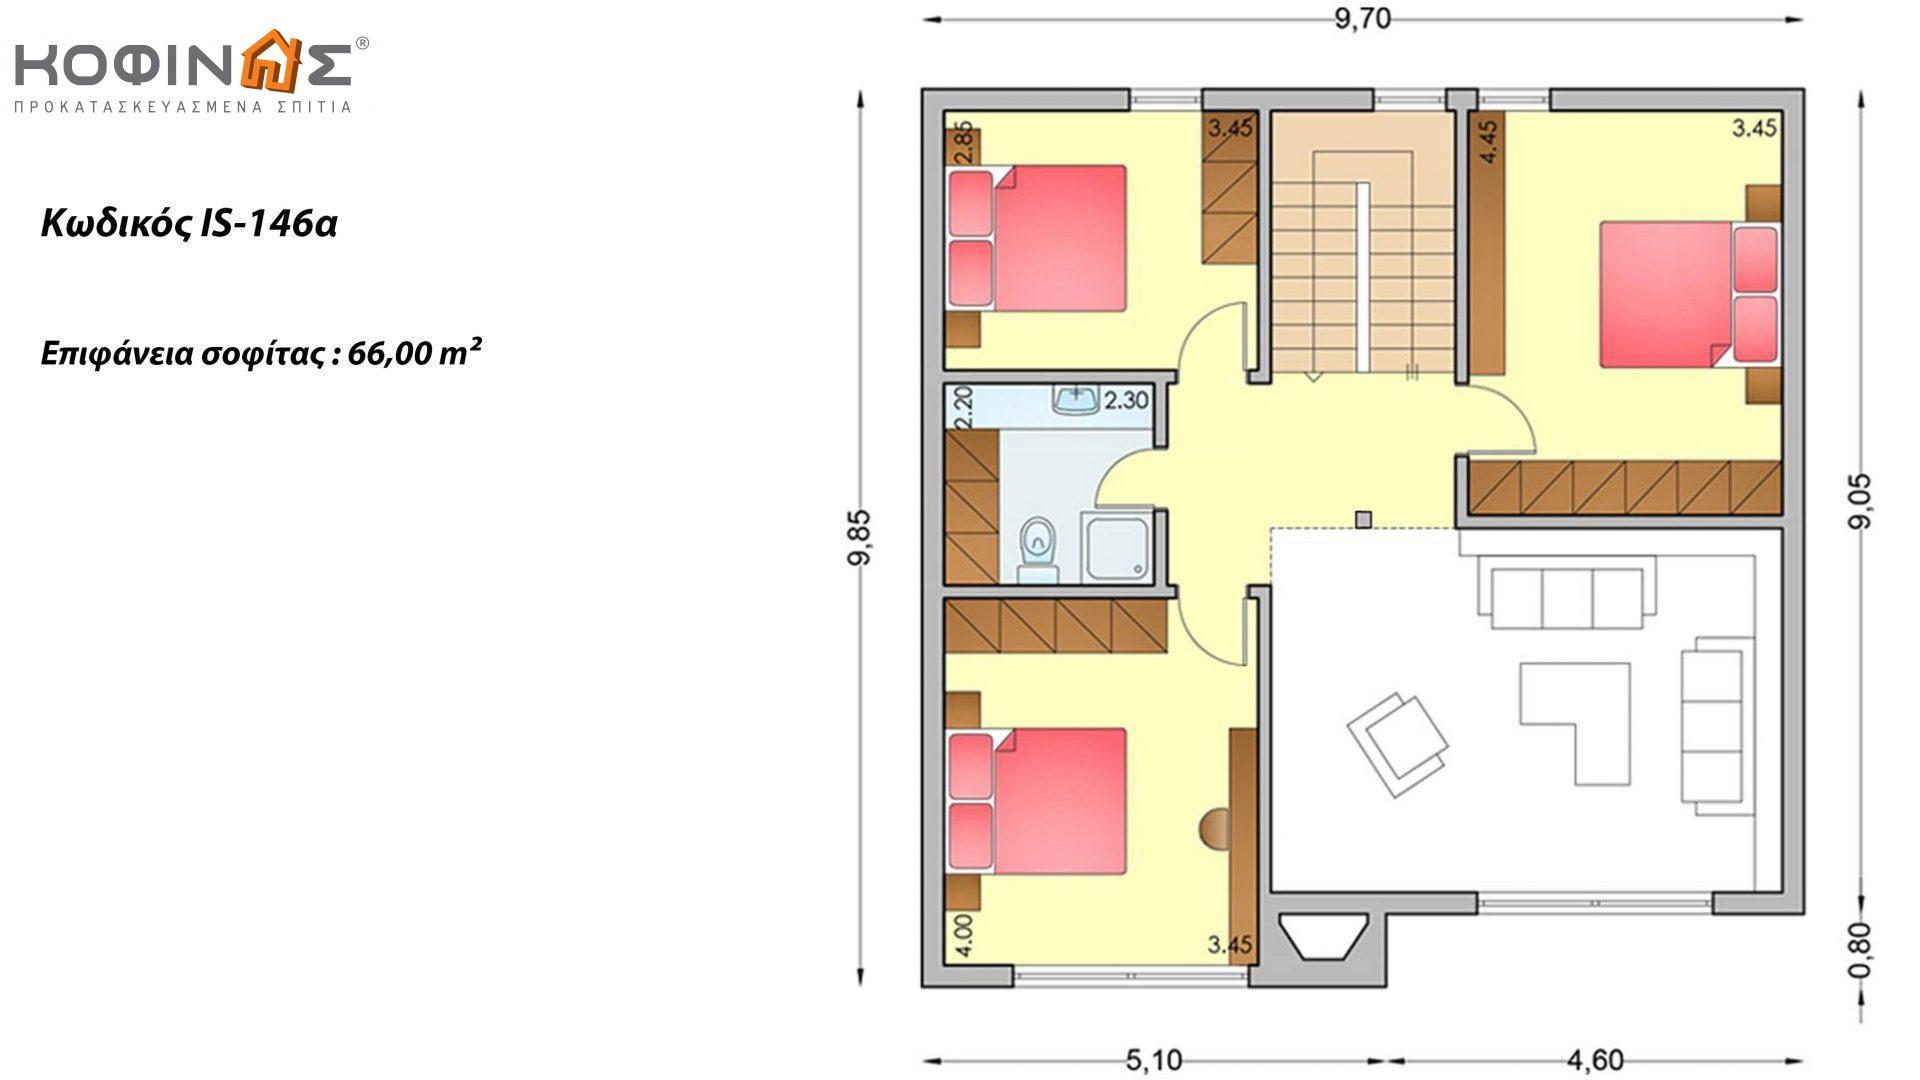 Ισόγεια Κατοικία με Σοφίτα IS-146a, συνολικής επιφάνειας 146,57 τ.μ., συνολική επιφάνεια στεγασμένων χώρων 22,00 τ.μ.